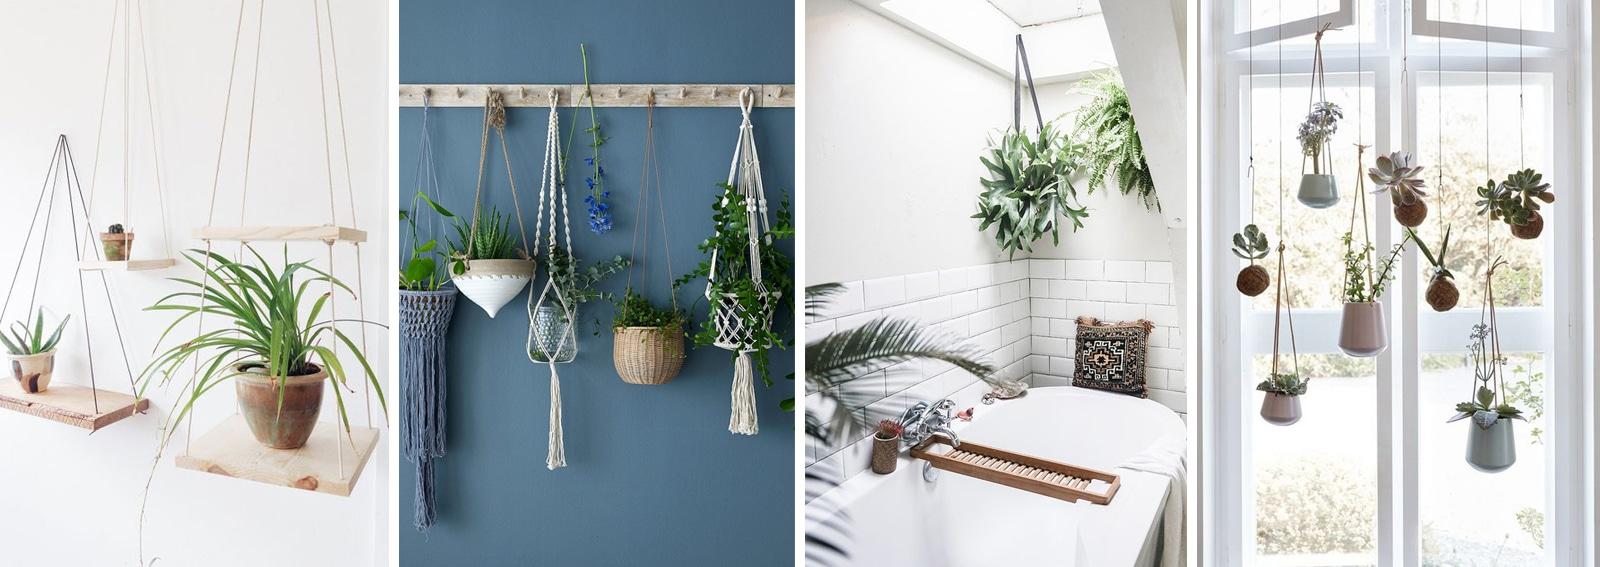 Decorare la casa con le piante appese - Grazia.it